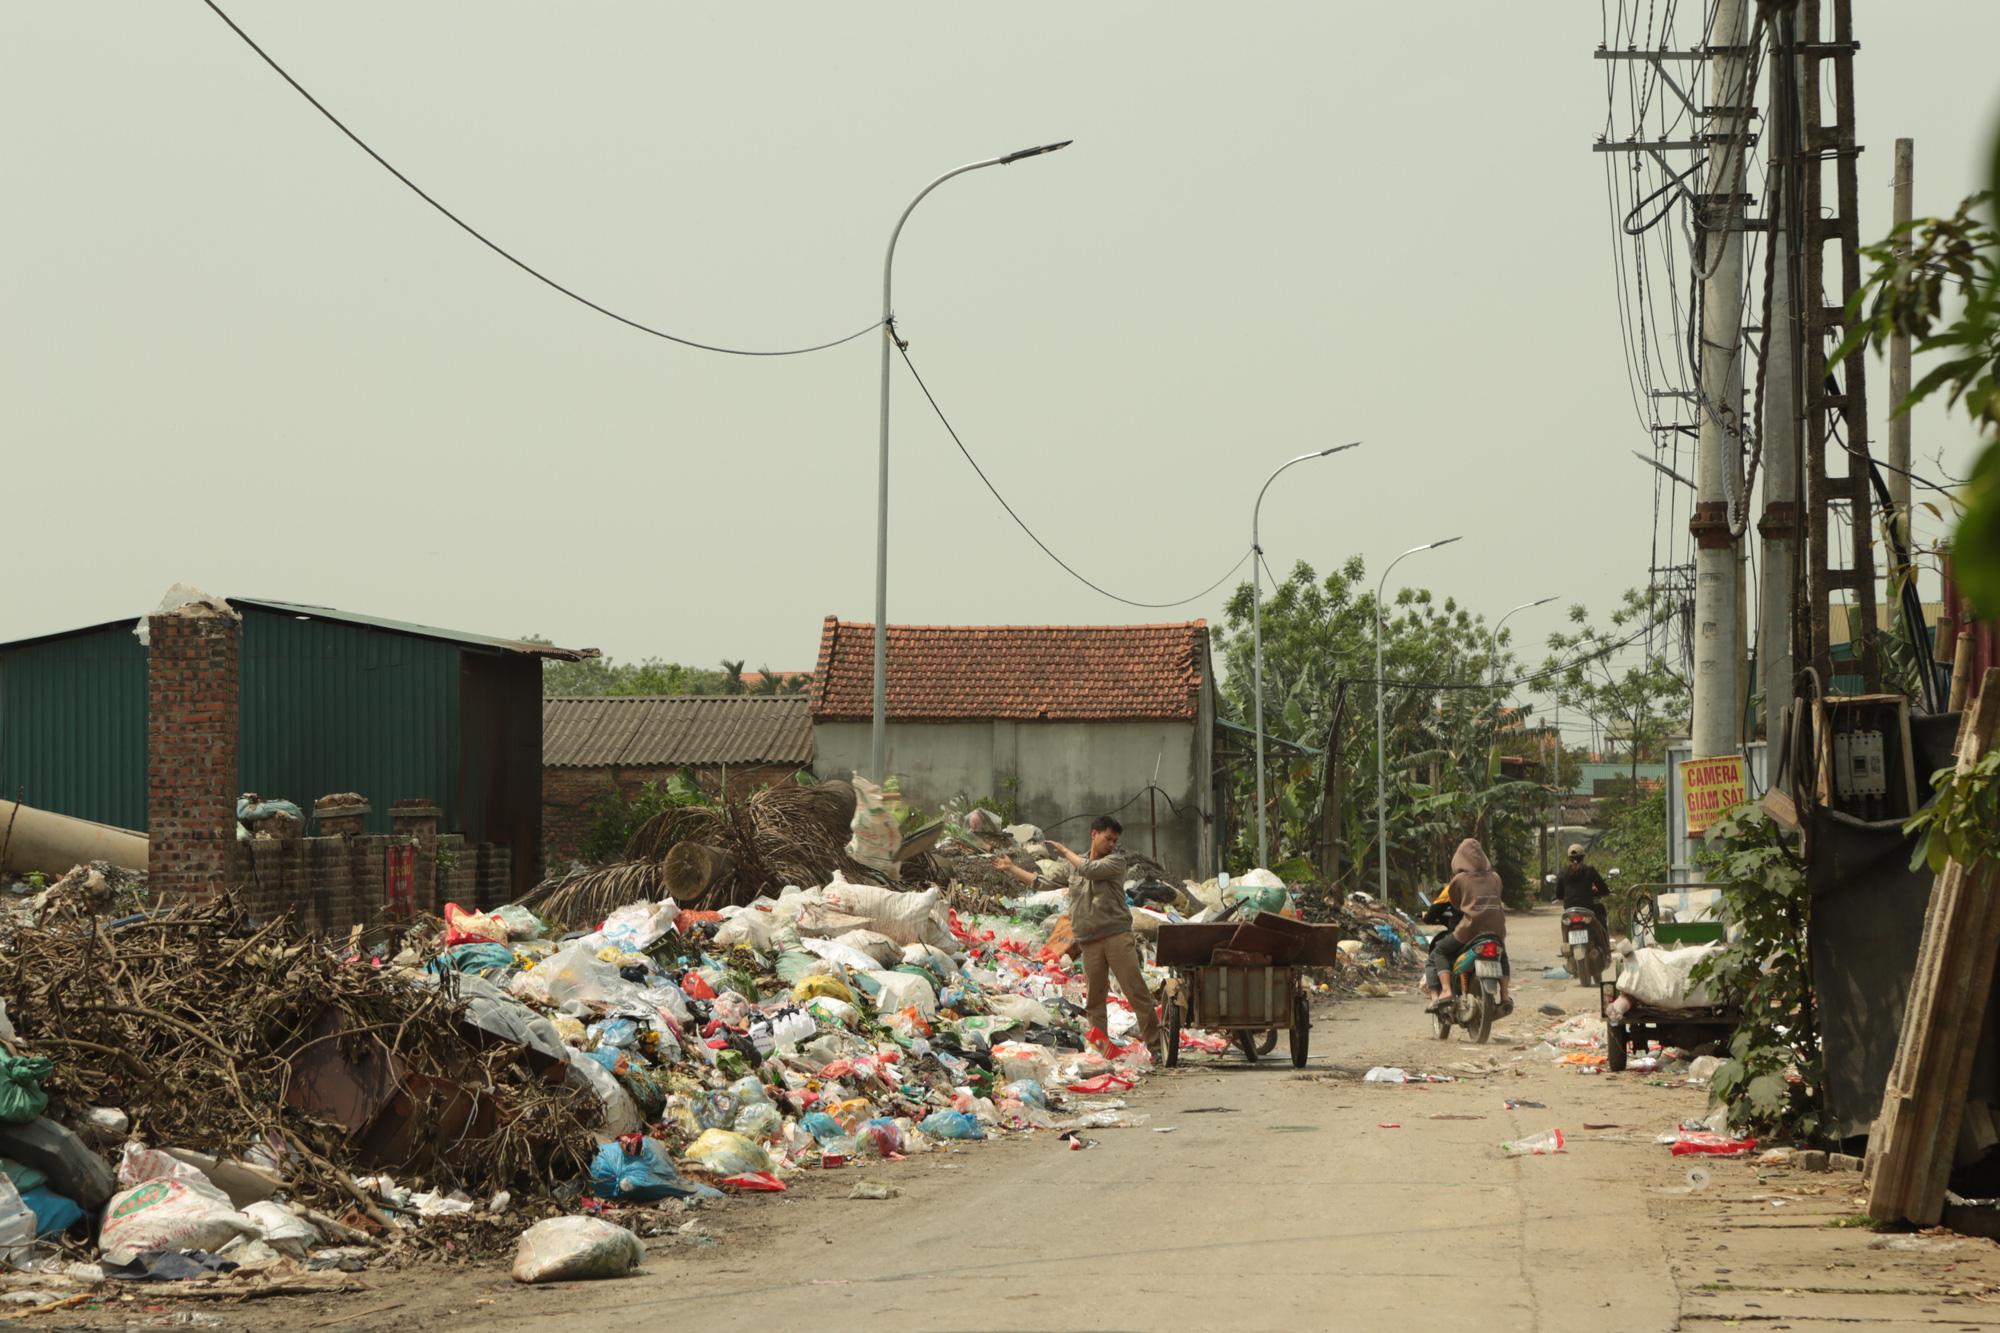 Cận cảnh tình trạng ô nhiễm khủng khiếp tại Hoài Đức, Hà Nội - Ảnh 1.